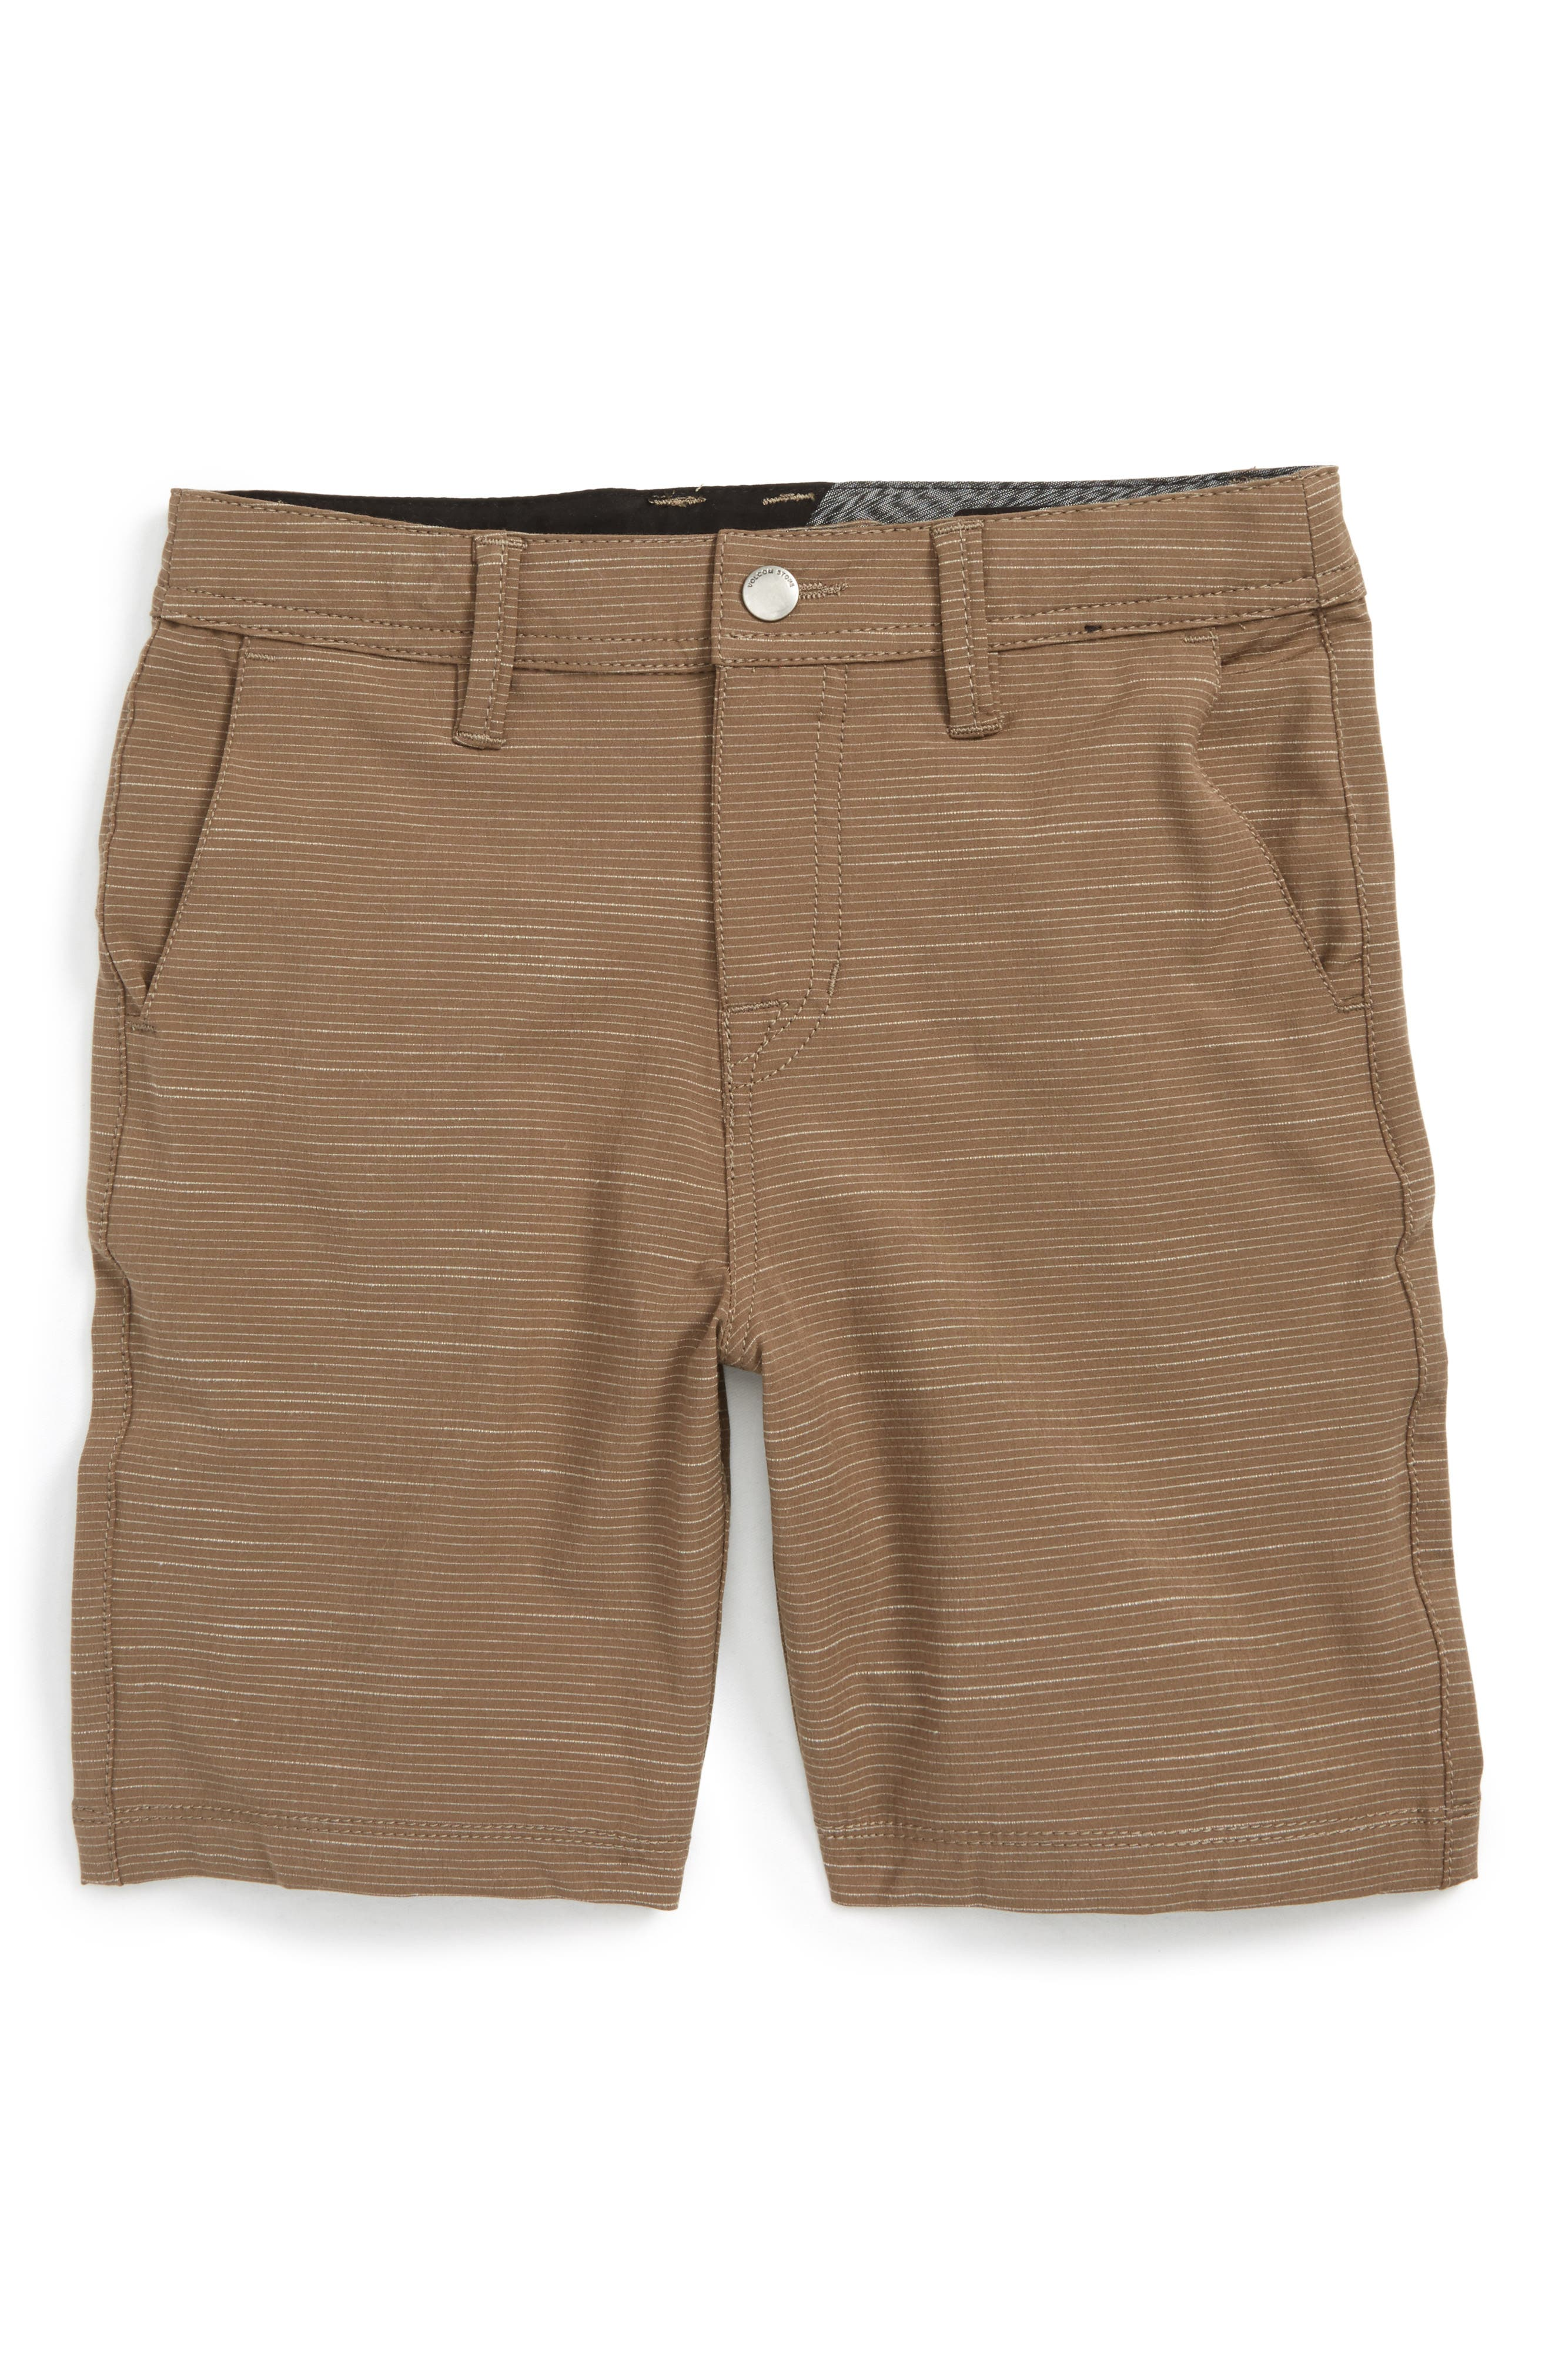 Surf N' Turf Hybrid Shorts,                         Main,                         color, 203